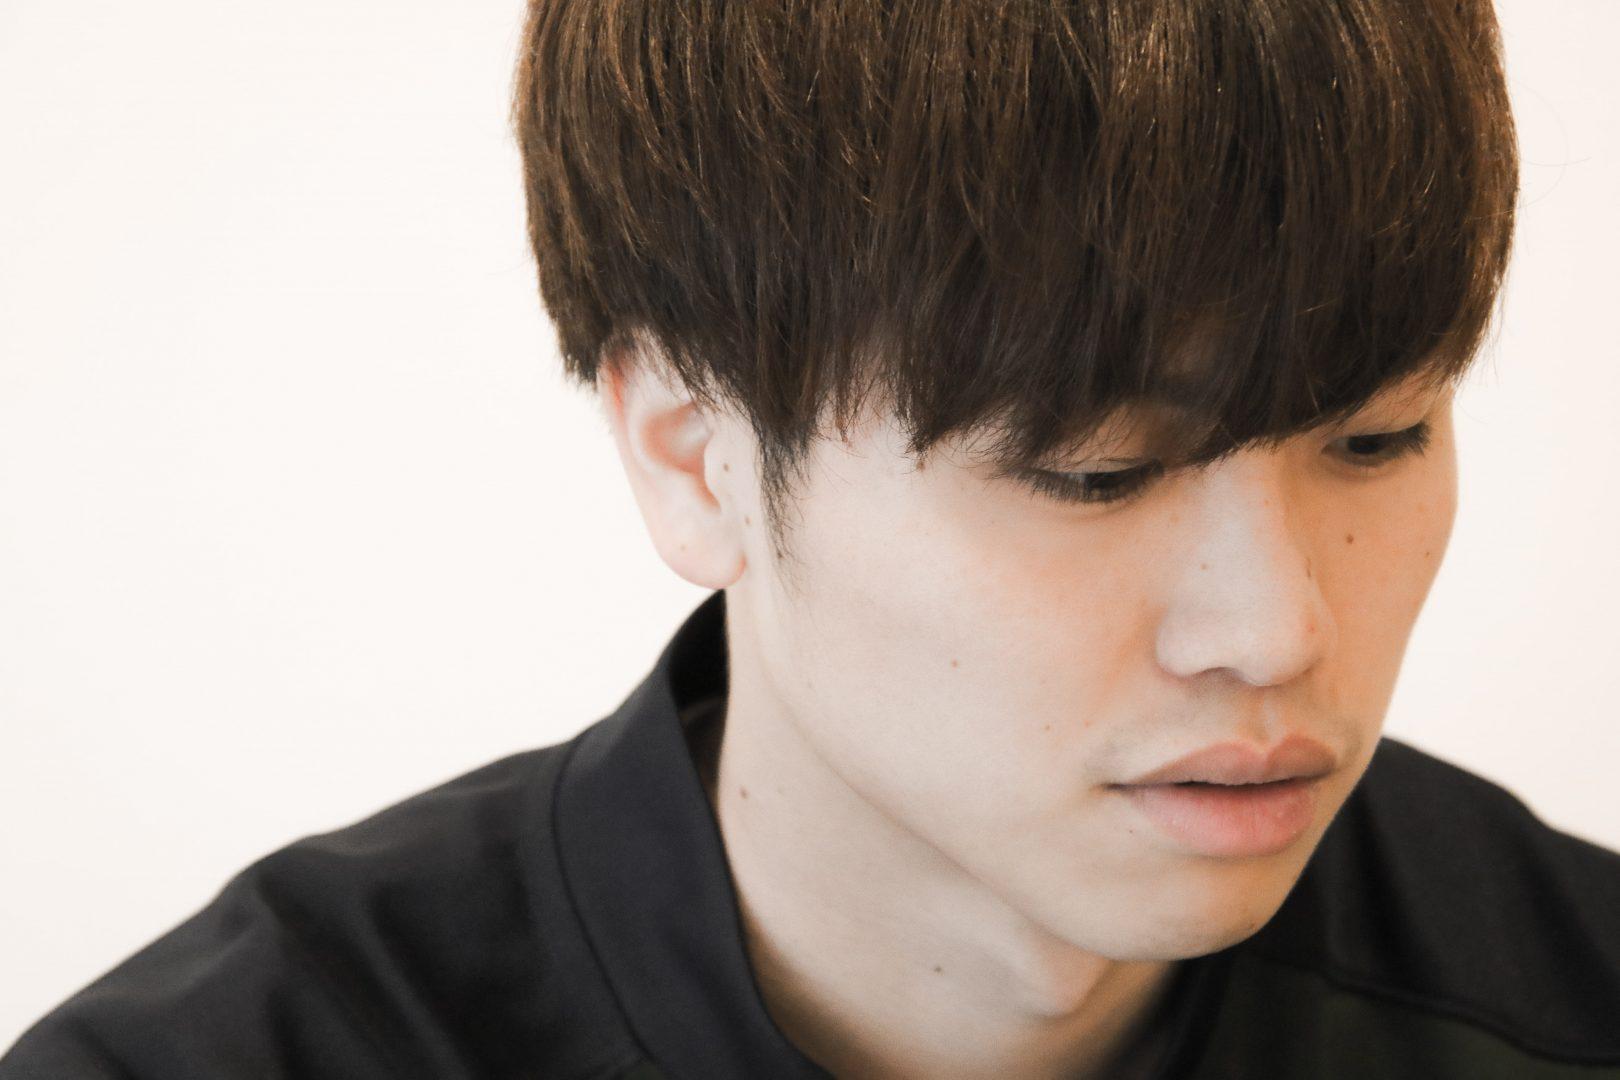 【選手に届け!!記事へのコメントまとめ】卓球界のスター軍団の一員、田添健汰選手